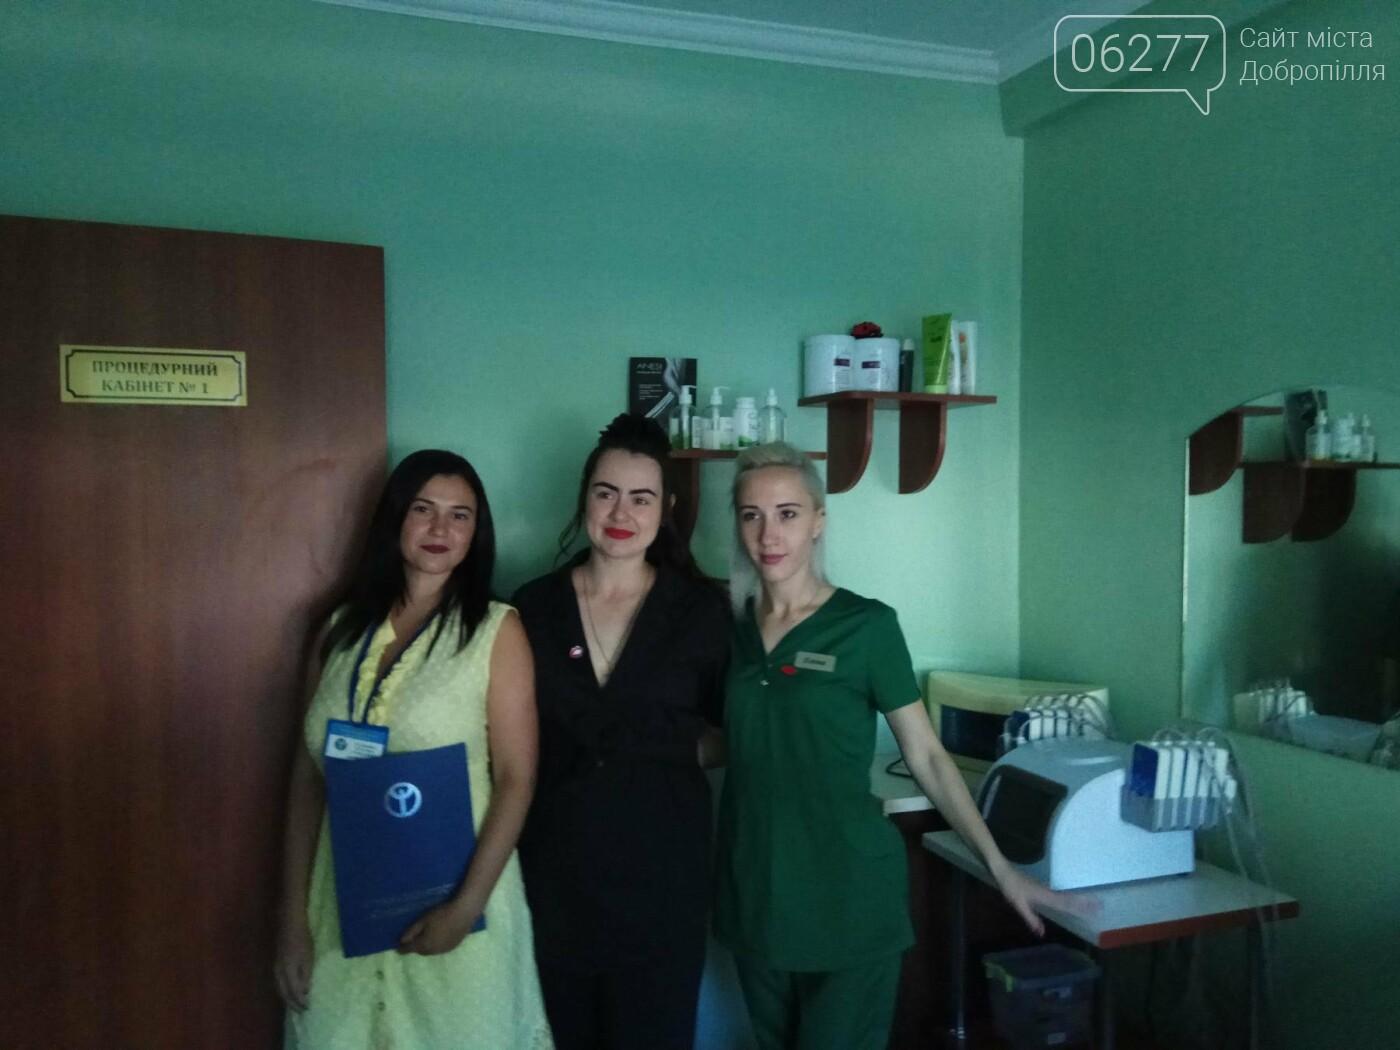 """У Добропіллі відбулося відкриття оздоровчо-естетичного центру  """"Матері і дитини"""", фото-5"""